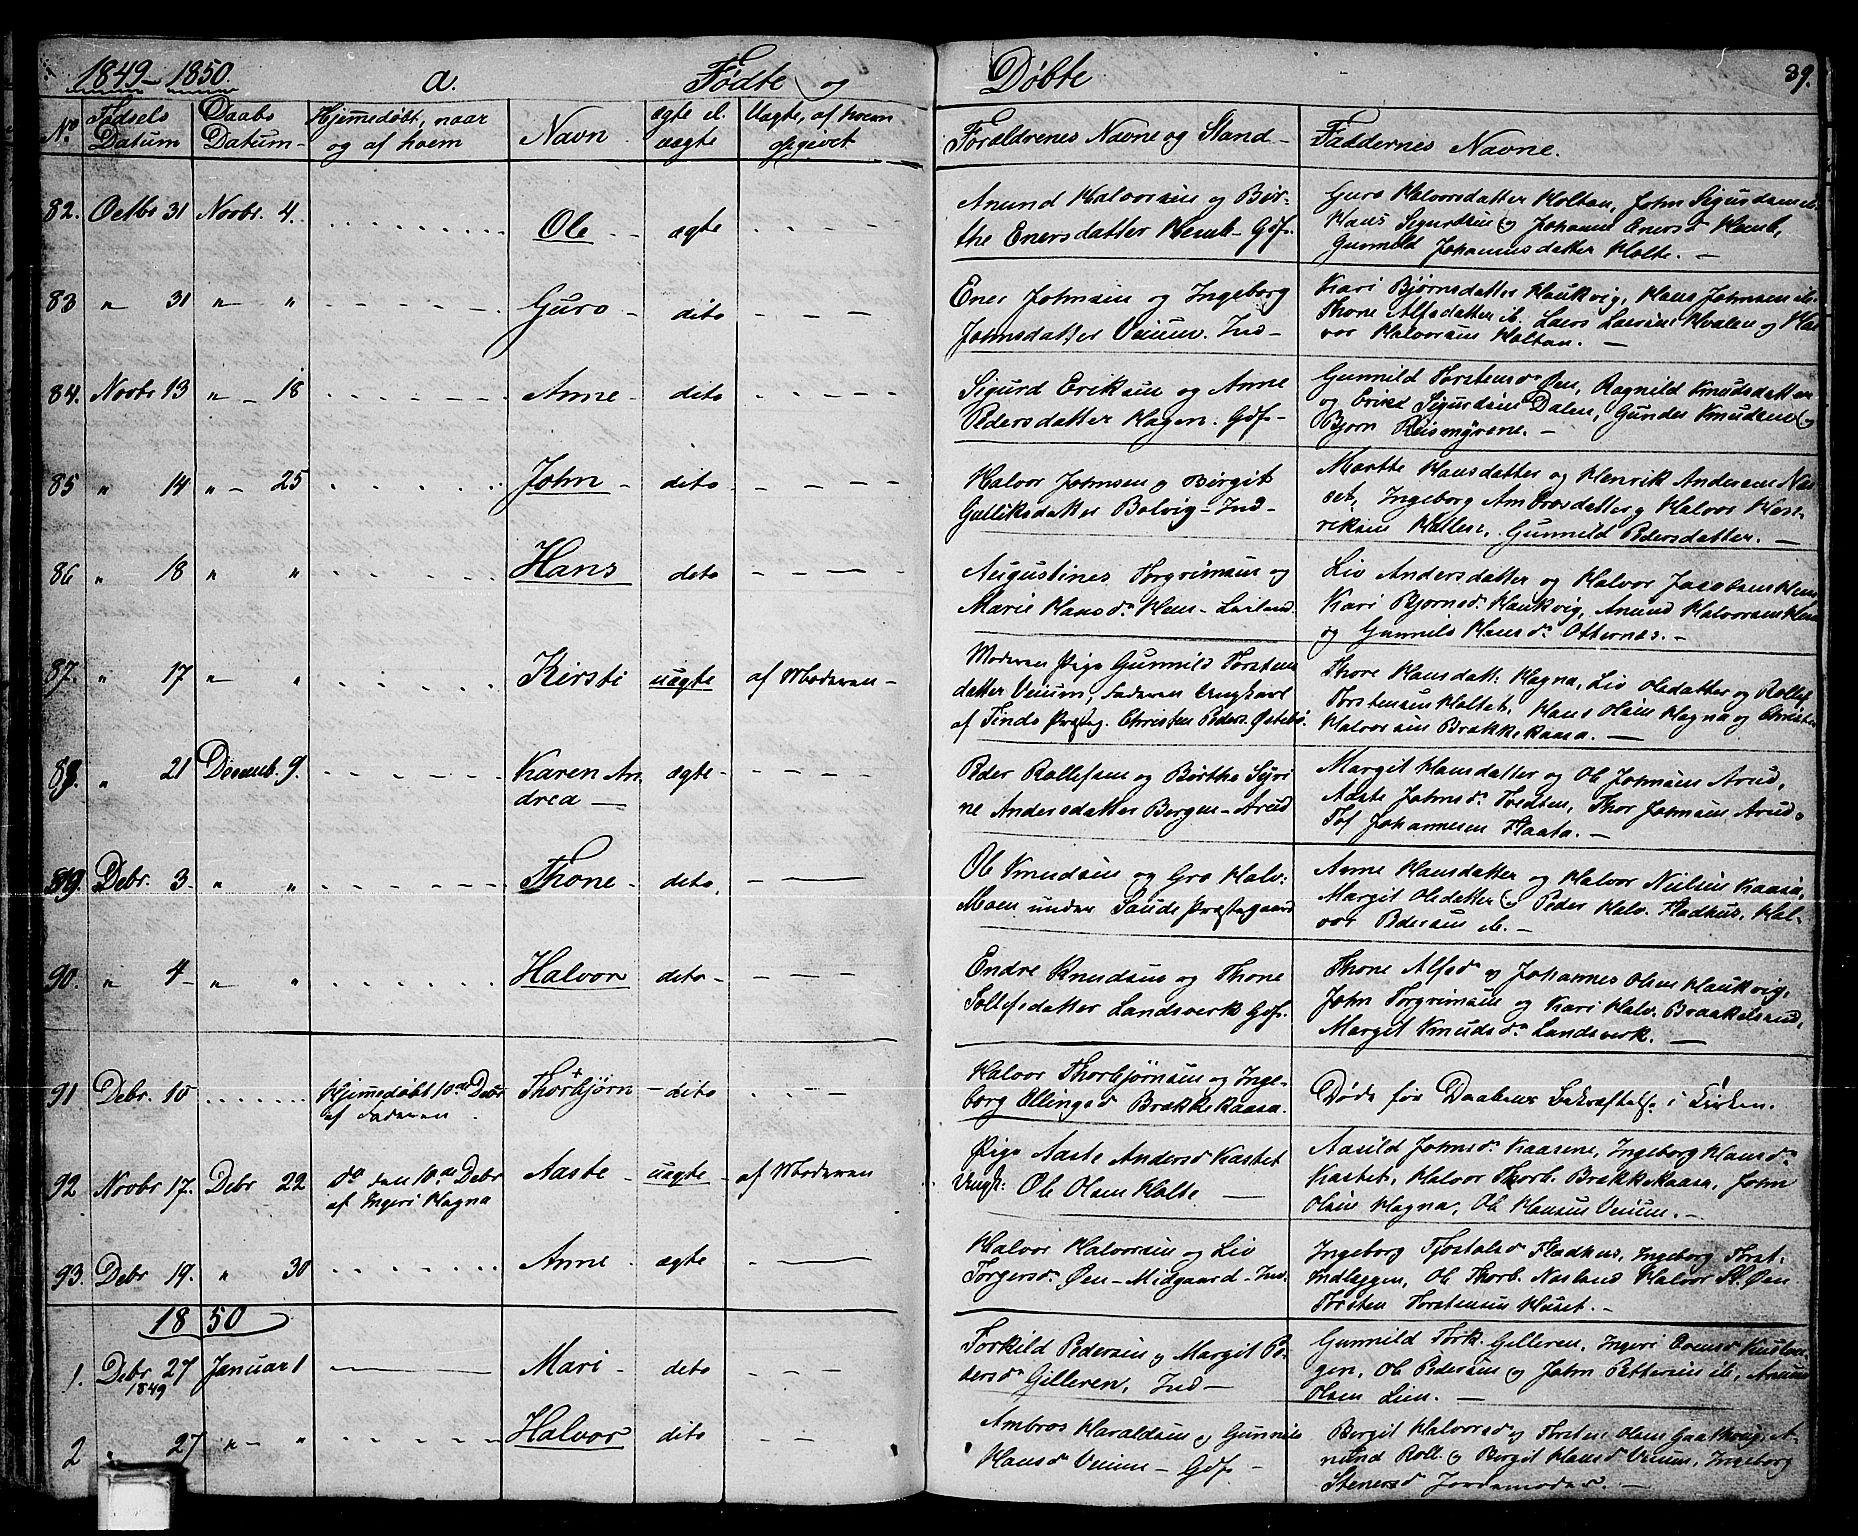 SAKO, Sauherad kirkebøker, G/Ga/L0002: Klokkerbok nr. I 2, 1842-1866, s. 39